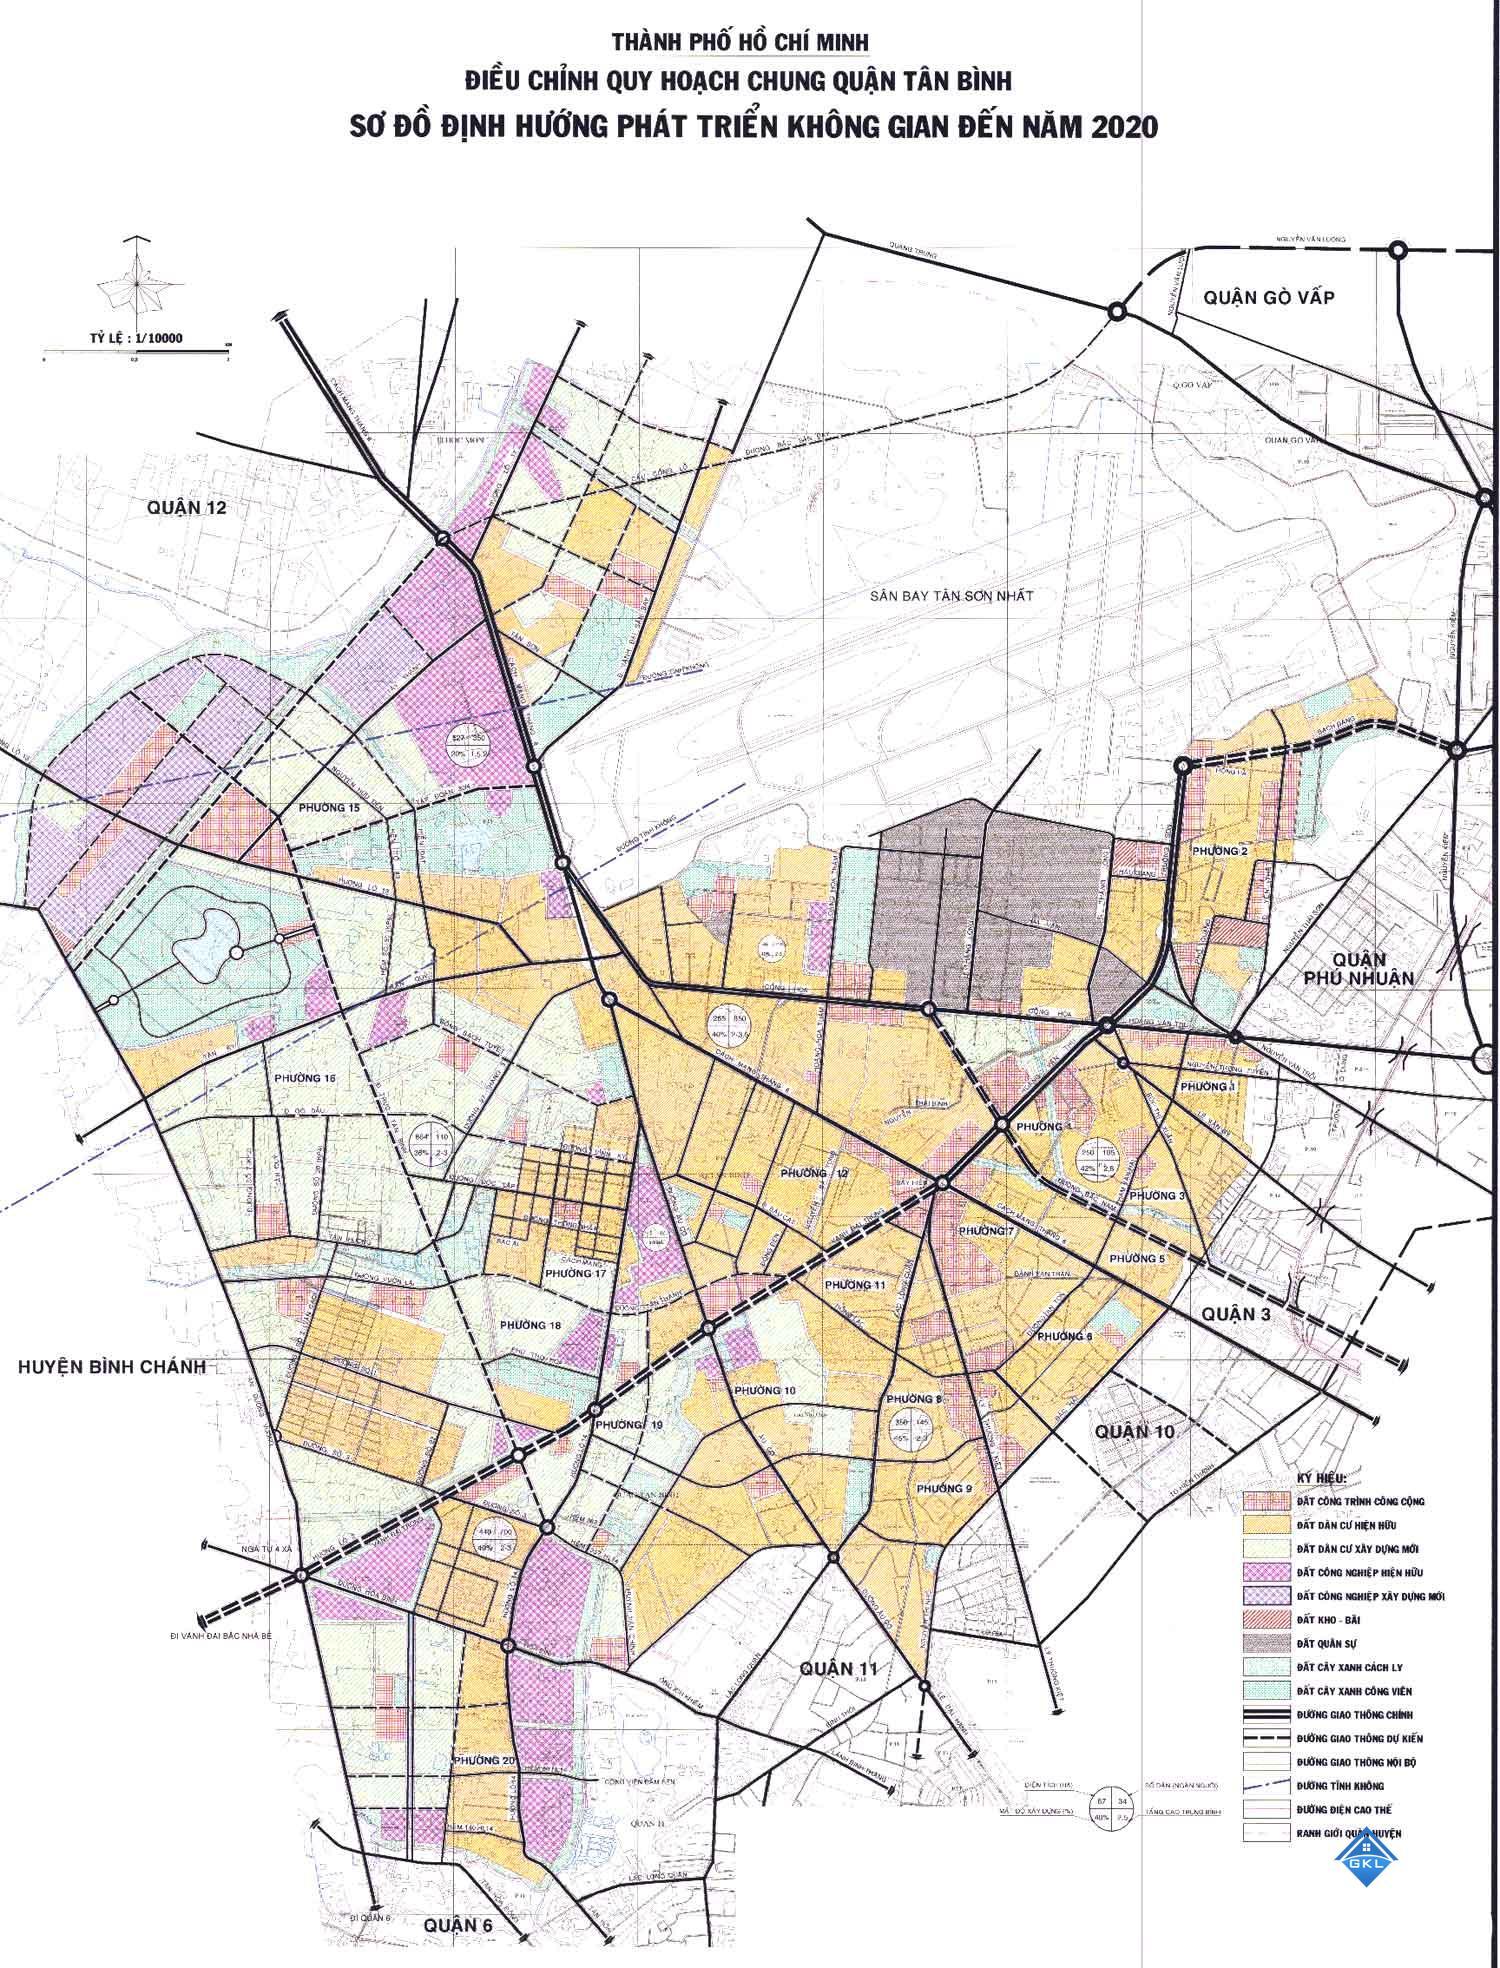 Quy hoạch chung quận Tân Bình đến năm 2020